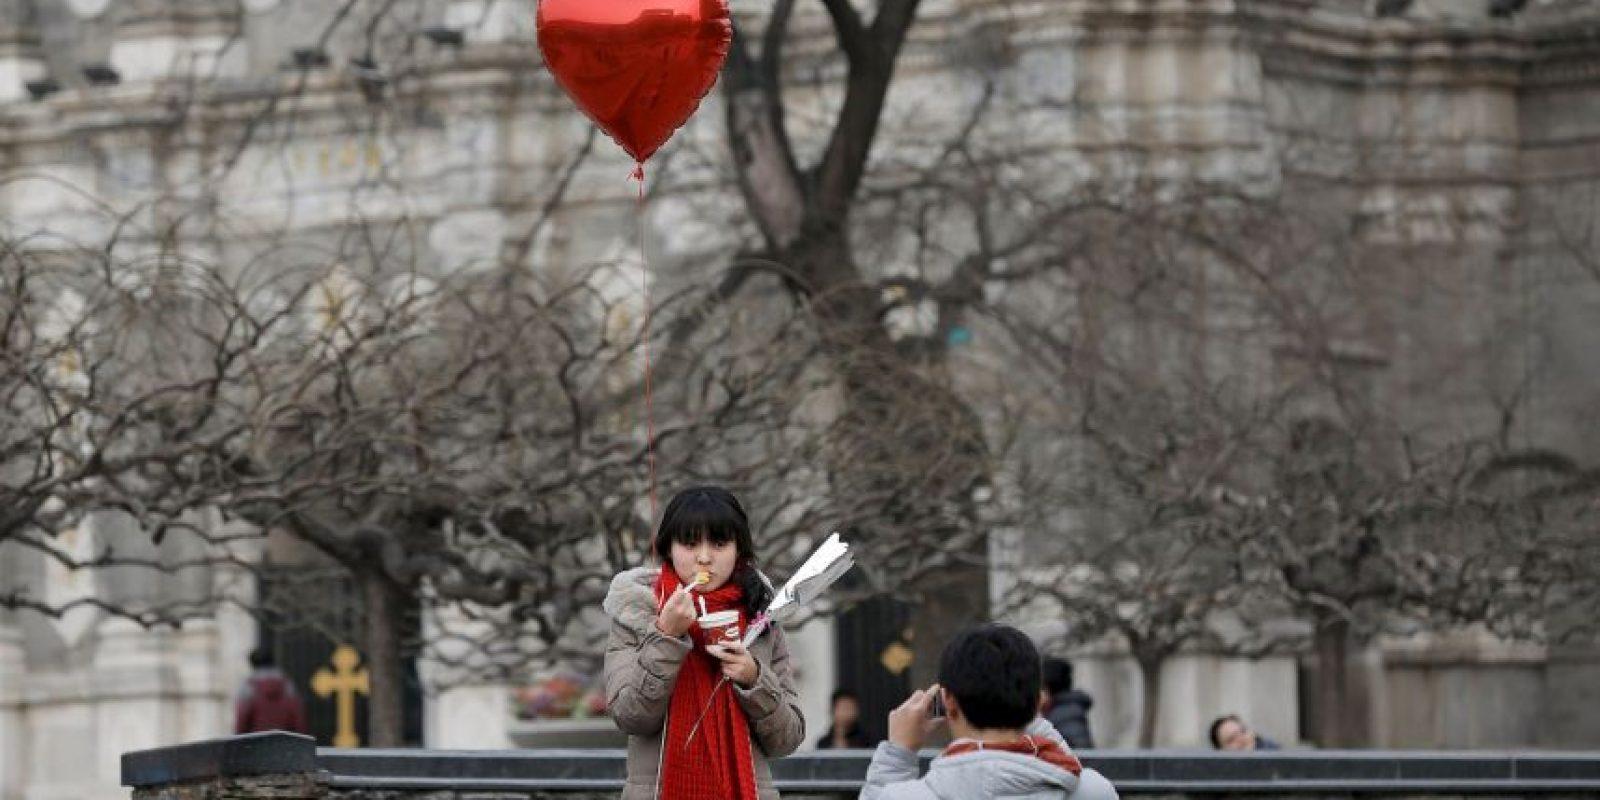 Si ella no te regala nada, si él no tiene detalles lindos este día, podría desencadenarse un problema que termine arruinando el momento. Foto:Getty Images